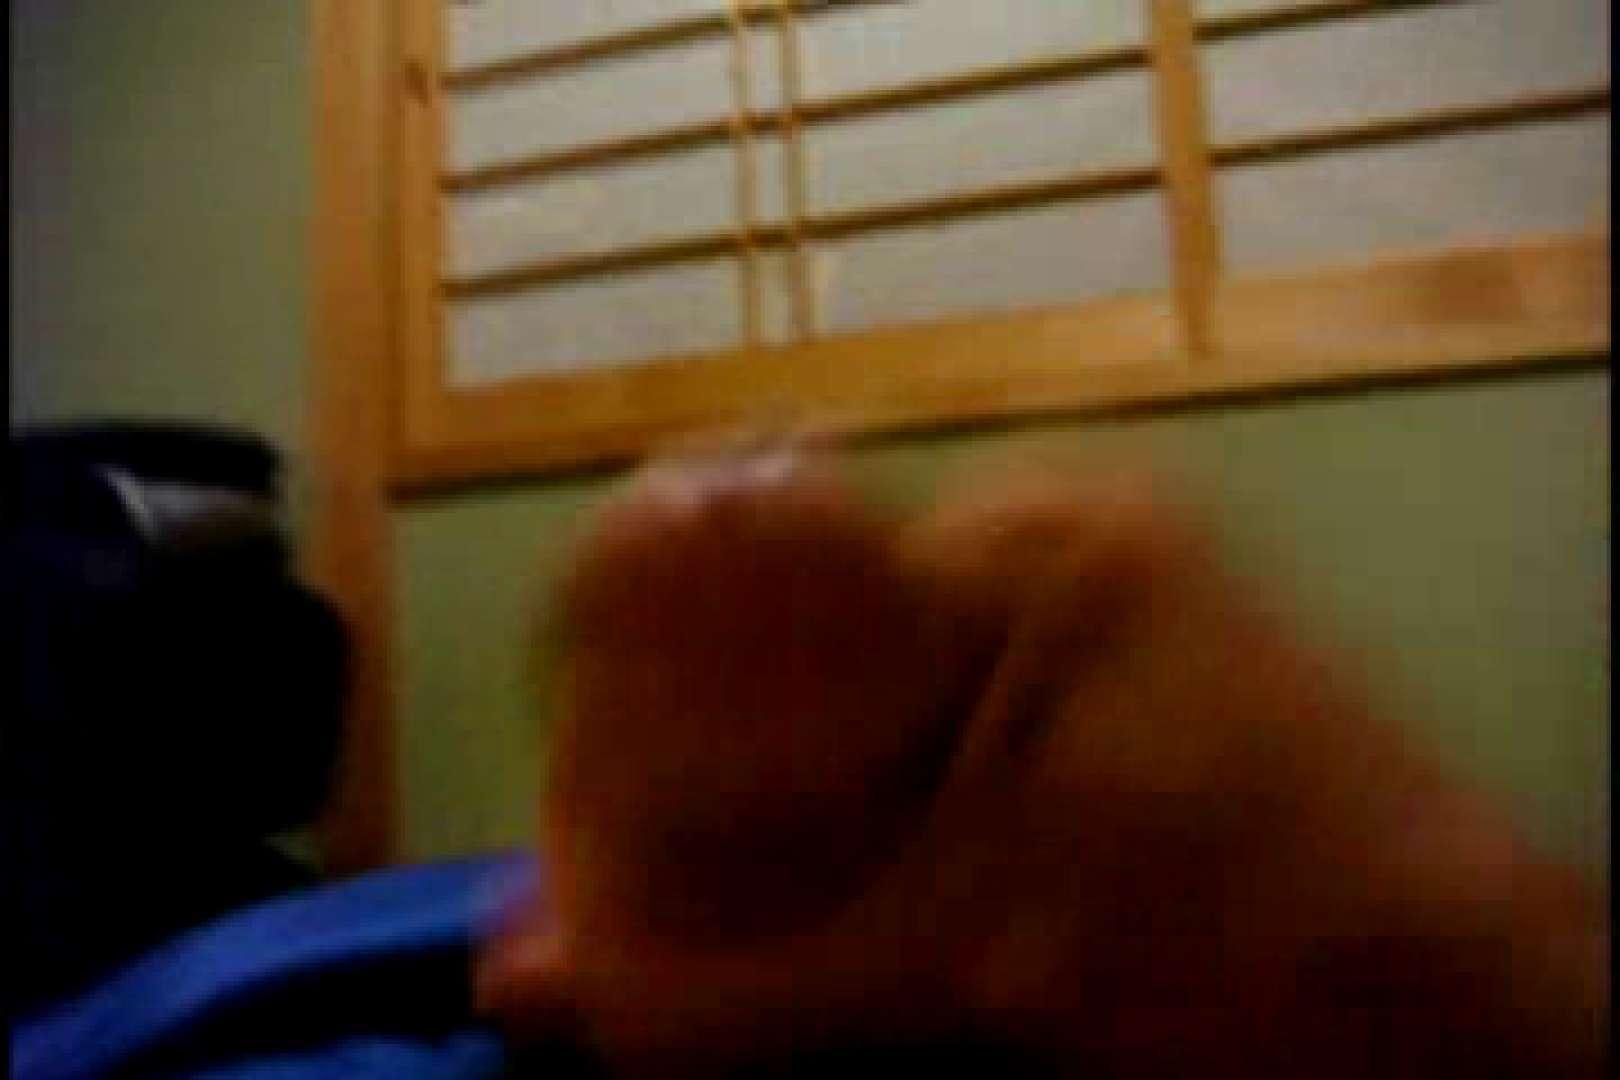 オナ好きノンケテニス部員の自画撮り投稿vol.02 流出特集 ゲイ丸見え画像 77枚 28